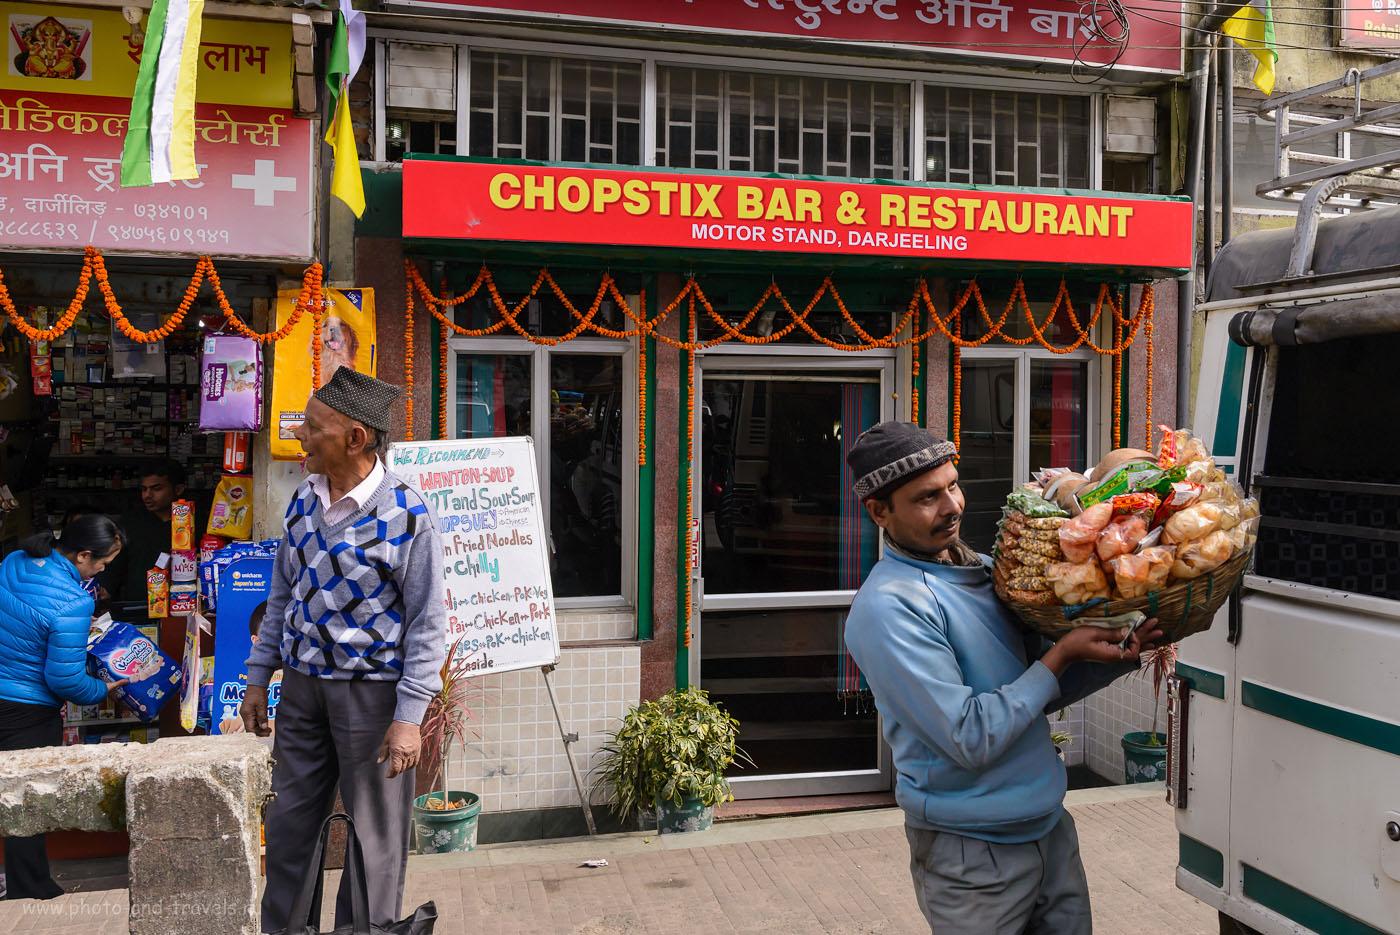 Фото 14. Где поесть в Дарджилинге? Отправляйтесь в ресторан Chopstix Bar & Restaurant, расположенный напротив NJP Stand (прямо в здании, на крыше которого находится стоянка джипов на Гангток – Gangtok Stand). 1/320, 0.67, 9.0, 200, 29.